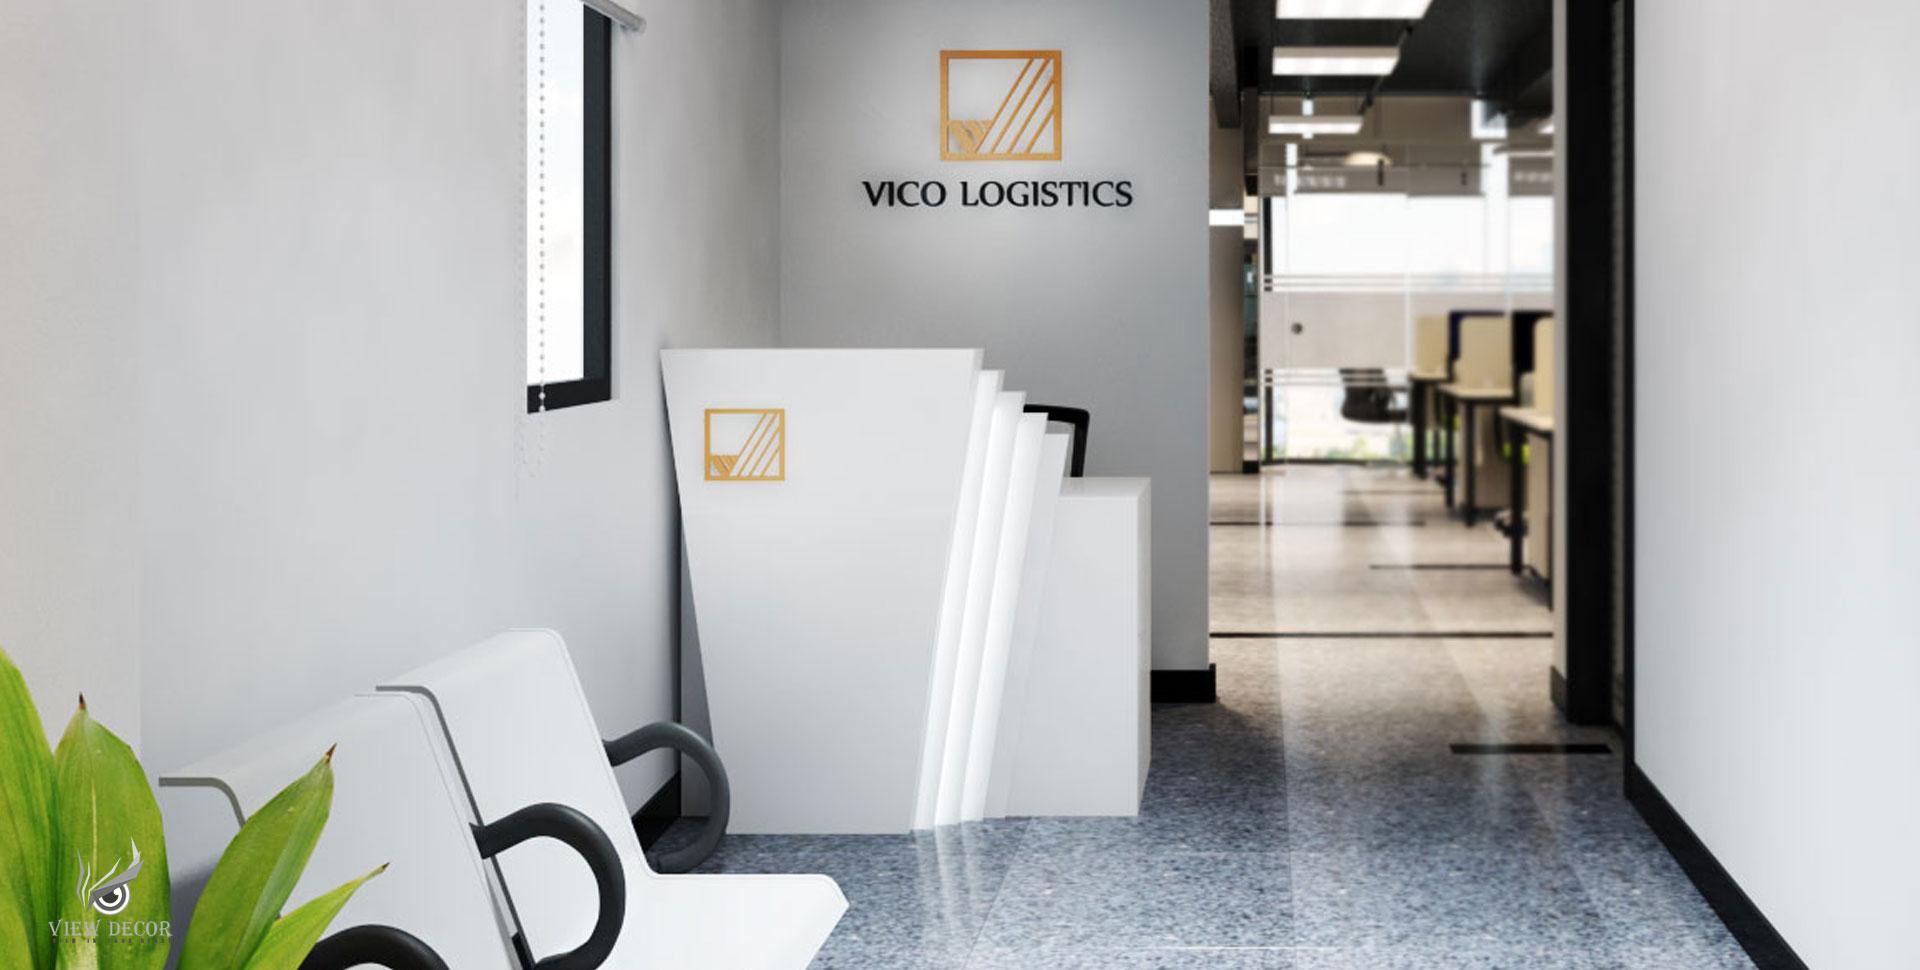 Thi Công Văn Phòng công ty VICO LOGISTICS